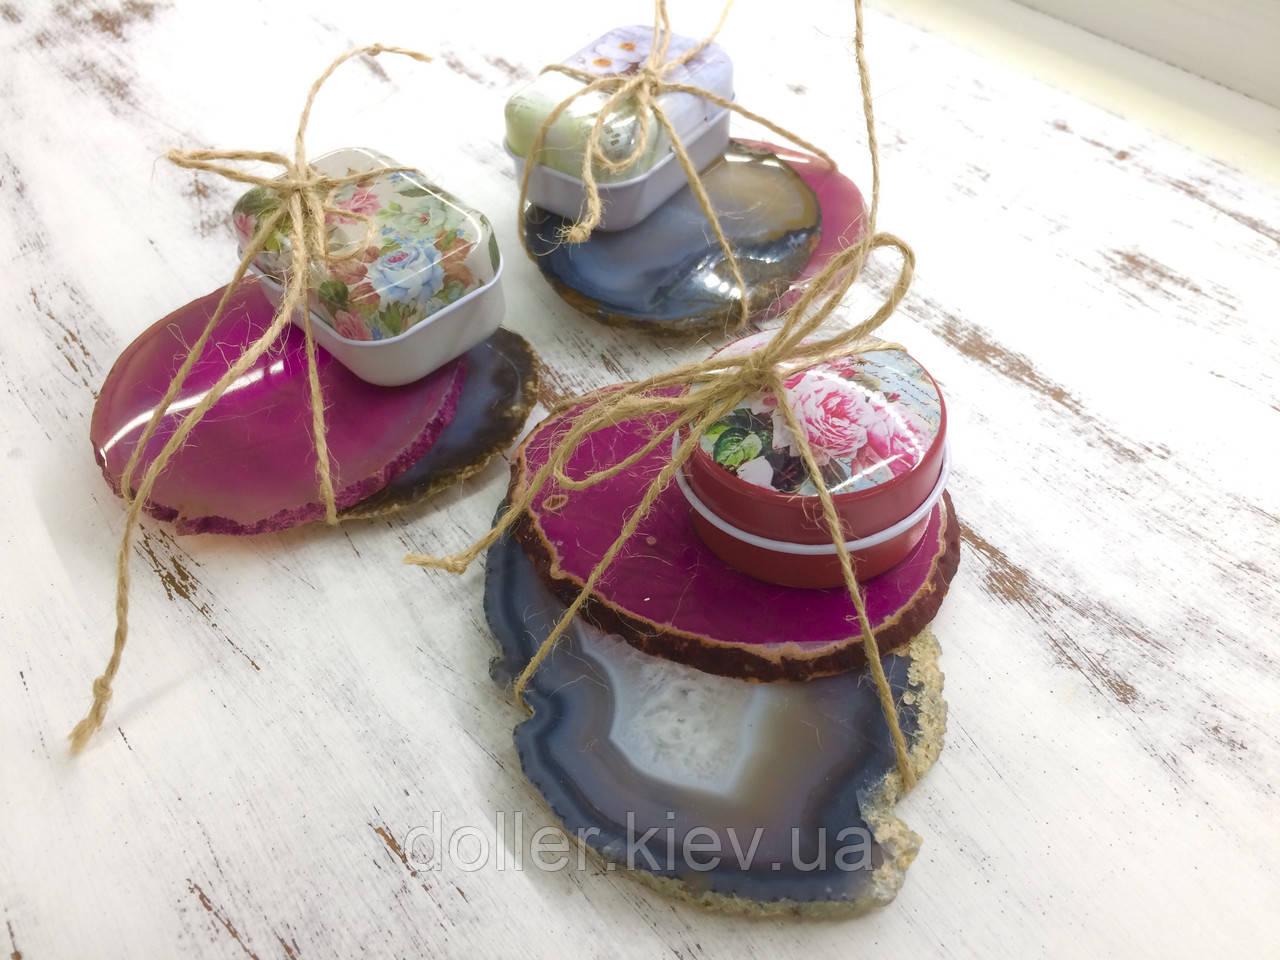 Подарочный чайный набор на 2 персоны (бежевые оттенки)